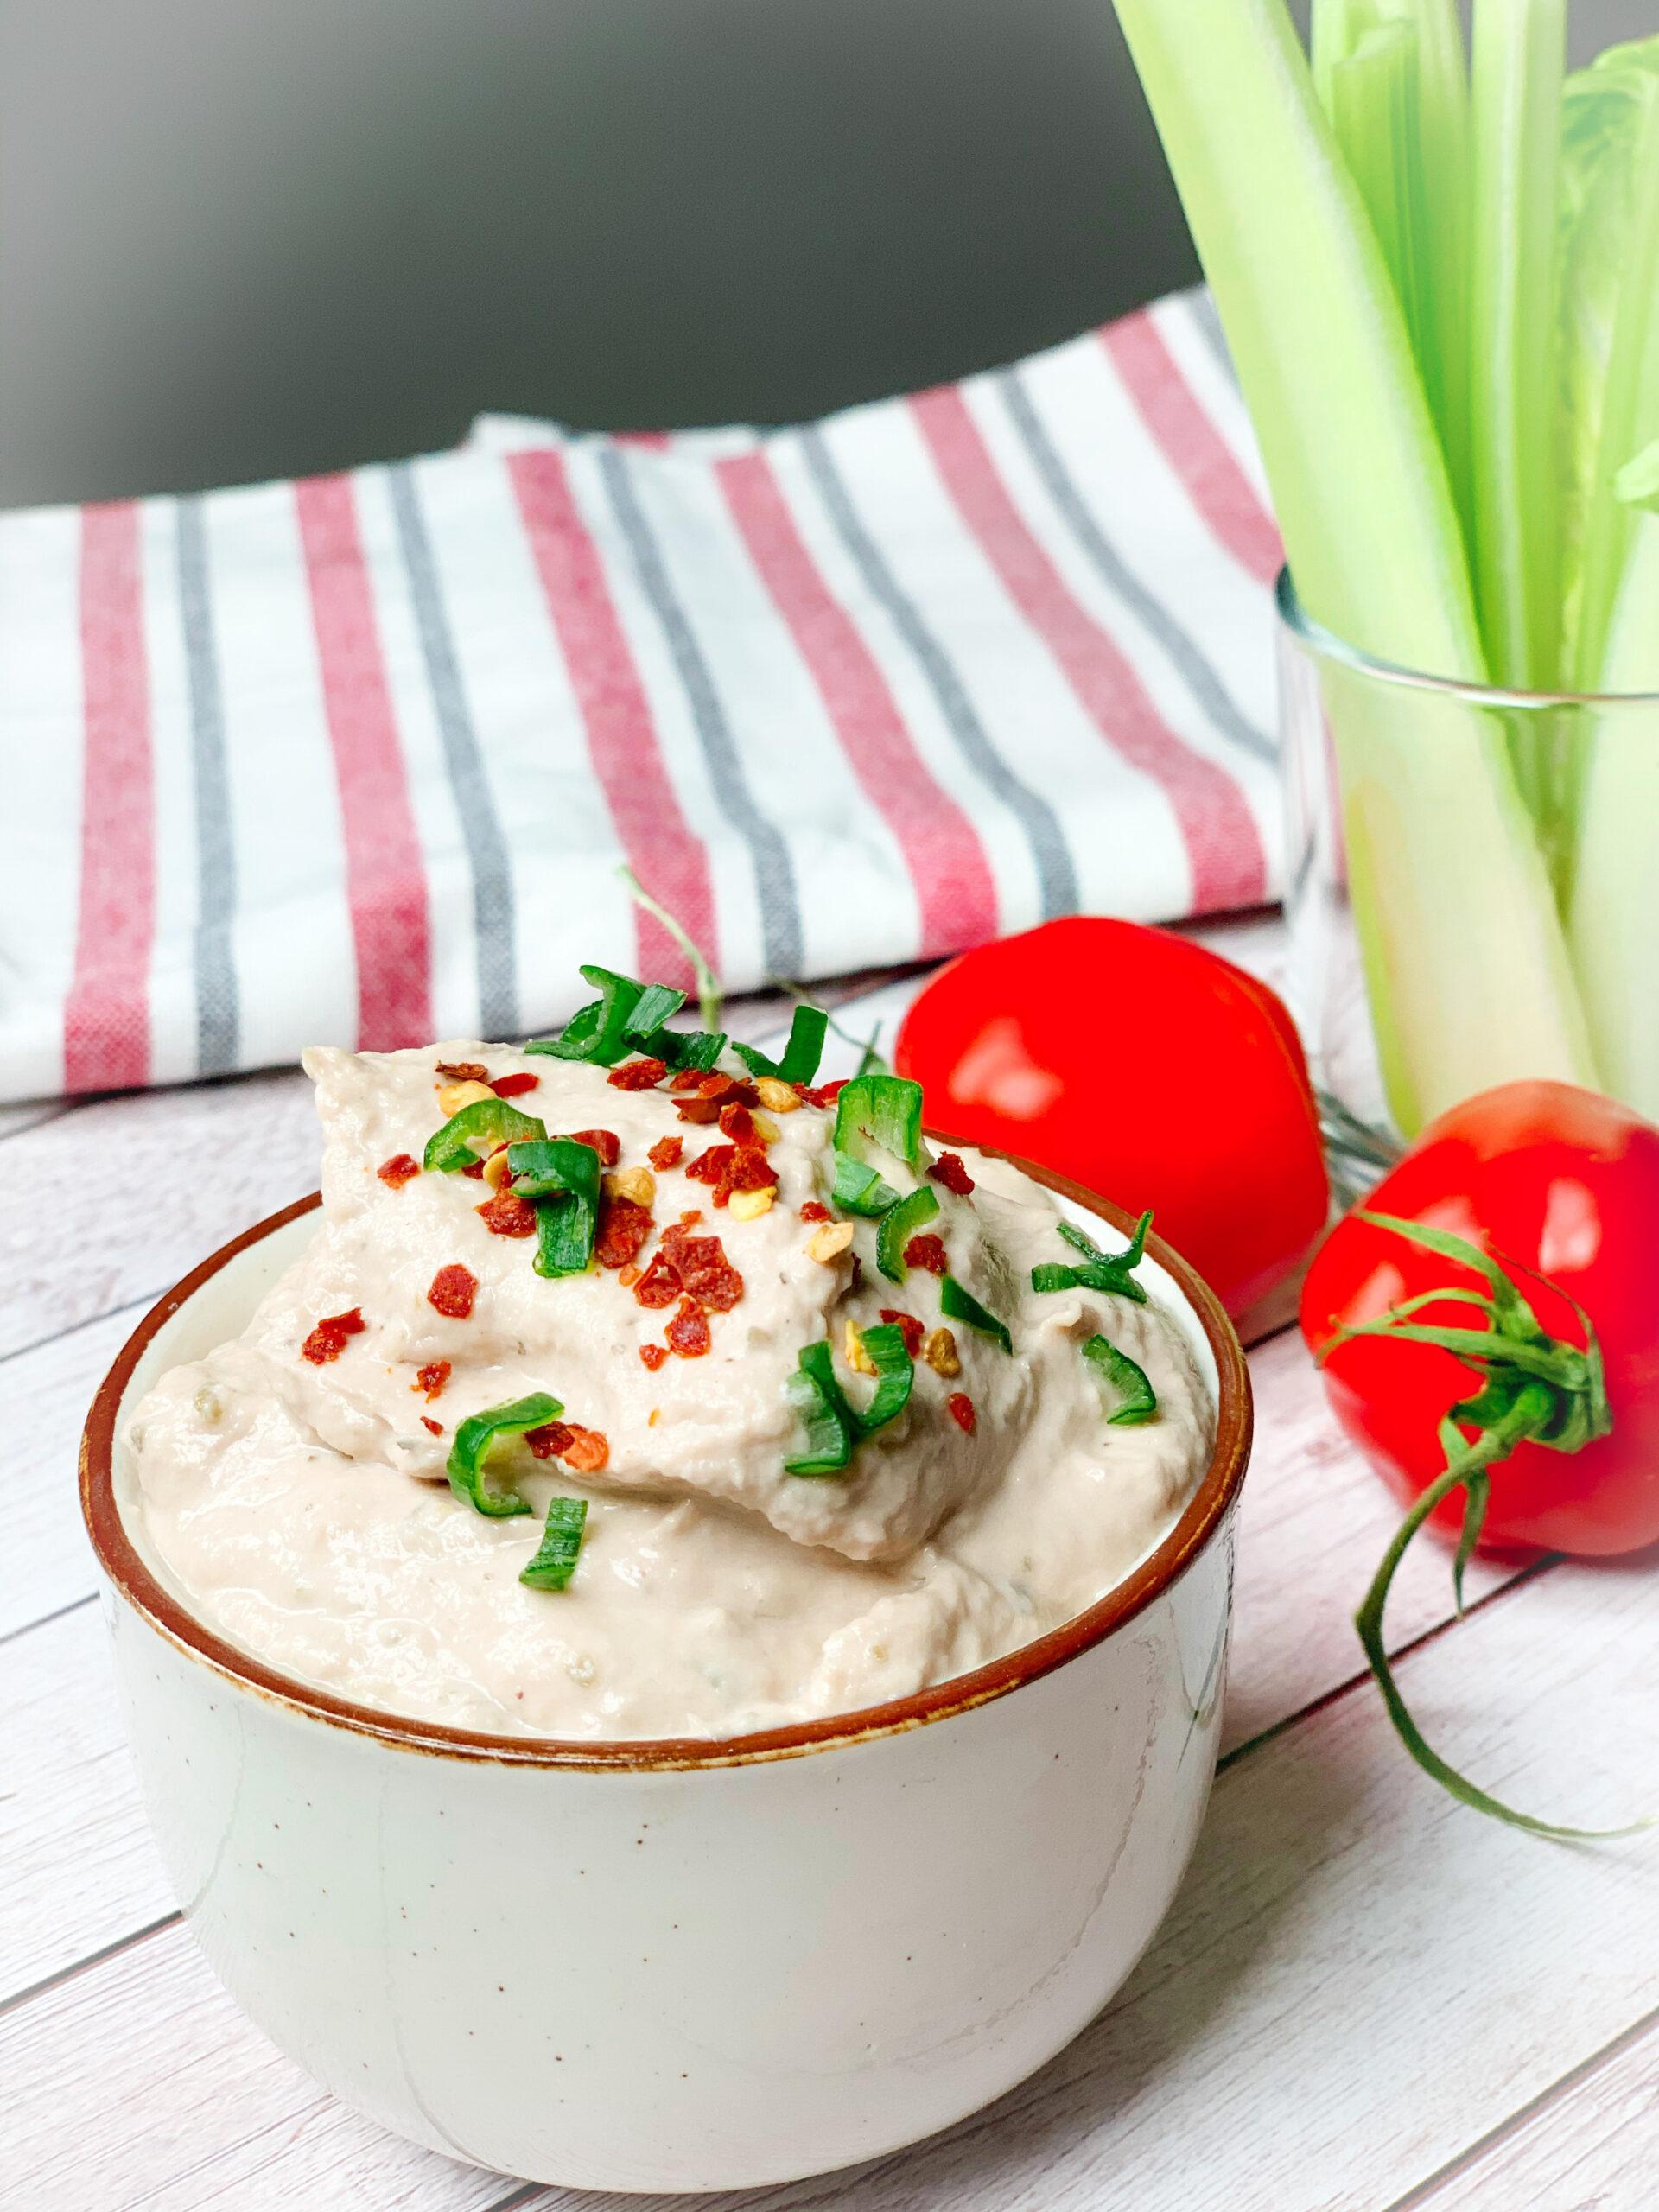 Picture of canned tuna recipe for keto tuna spread in a bowl.